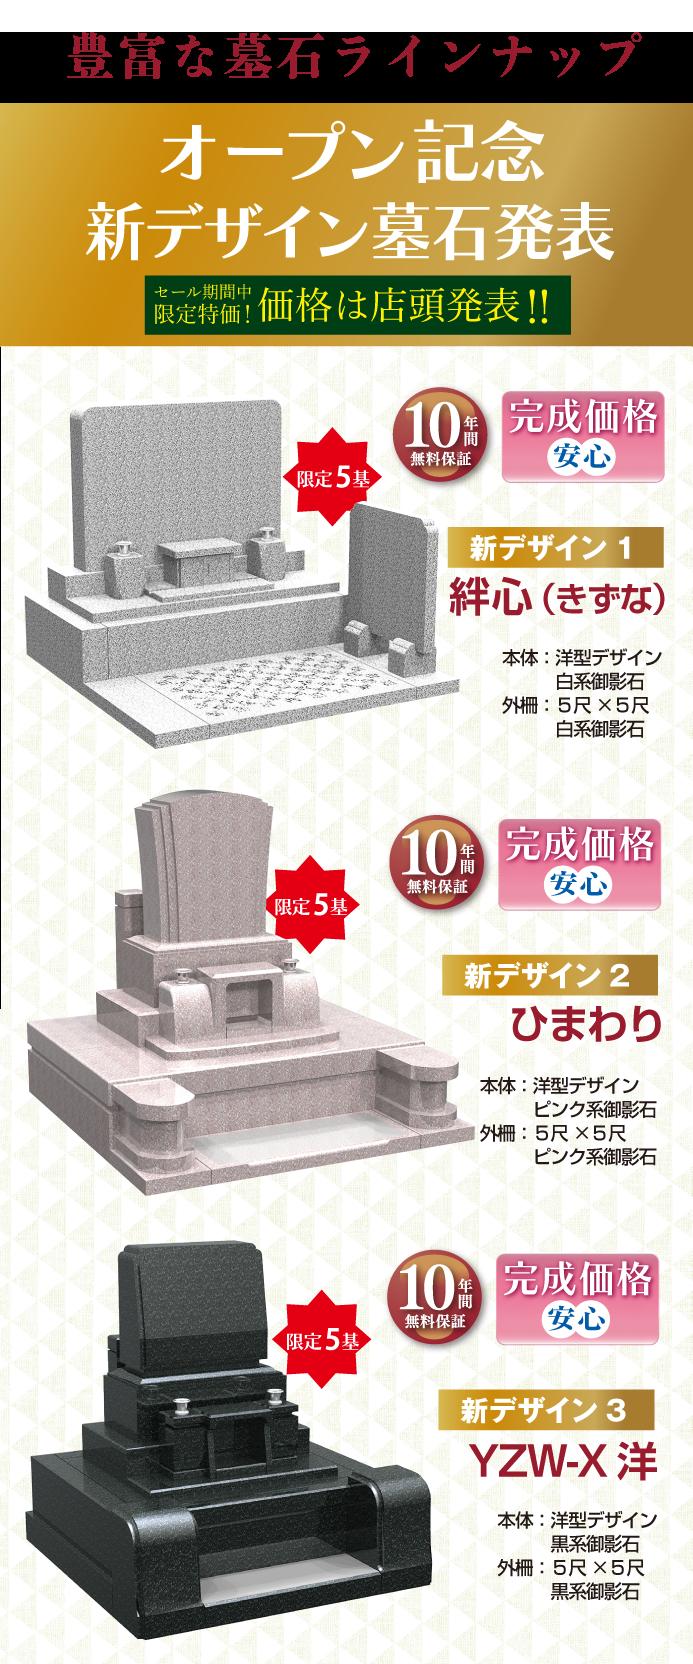 オープン記念デザイン墓石発表